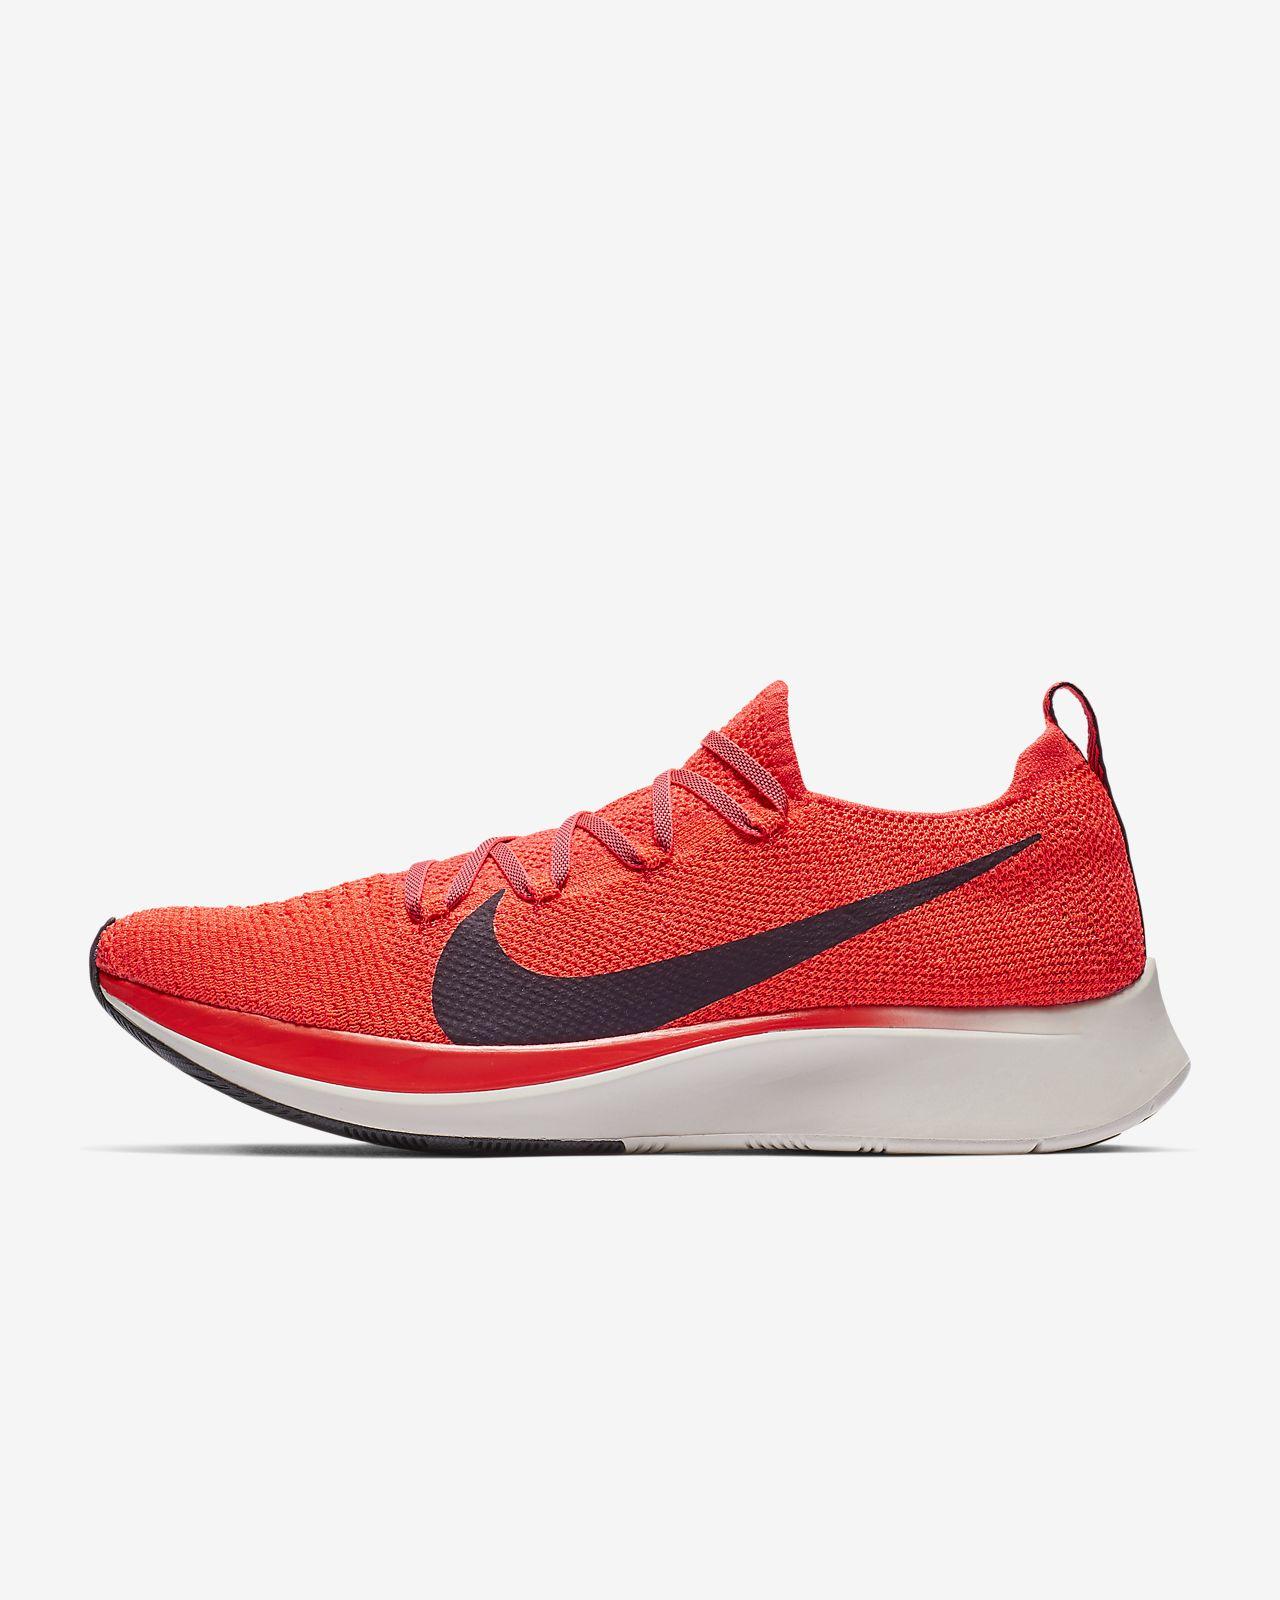 Sapatilhas de running Nike Zoom Fly Flyknit para homem